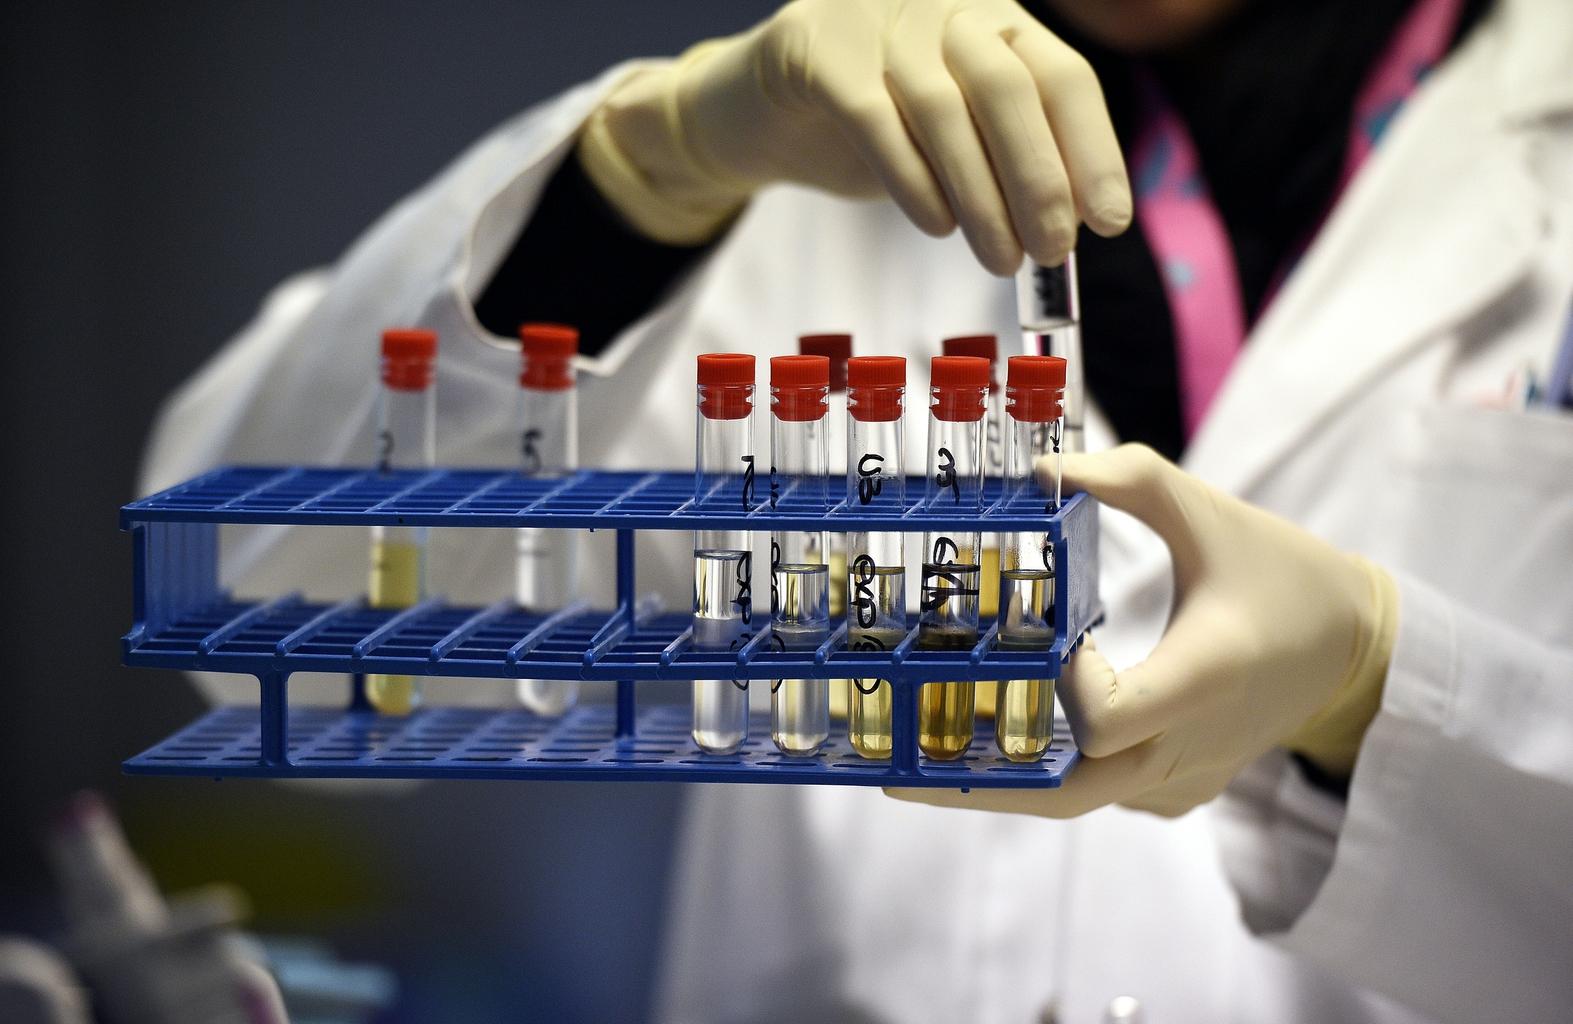 Doppingvizsgálatra készítenek elő sportolóktól levett vérmintákat egy franciaországo doppinglaborban 2015-ben #moszkvater